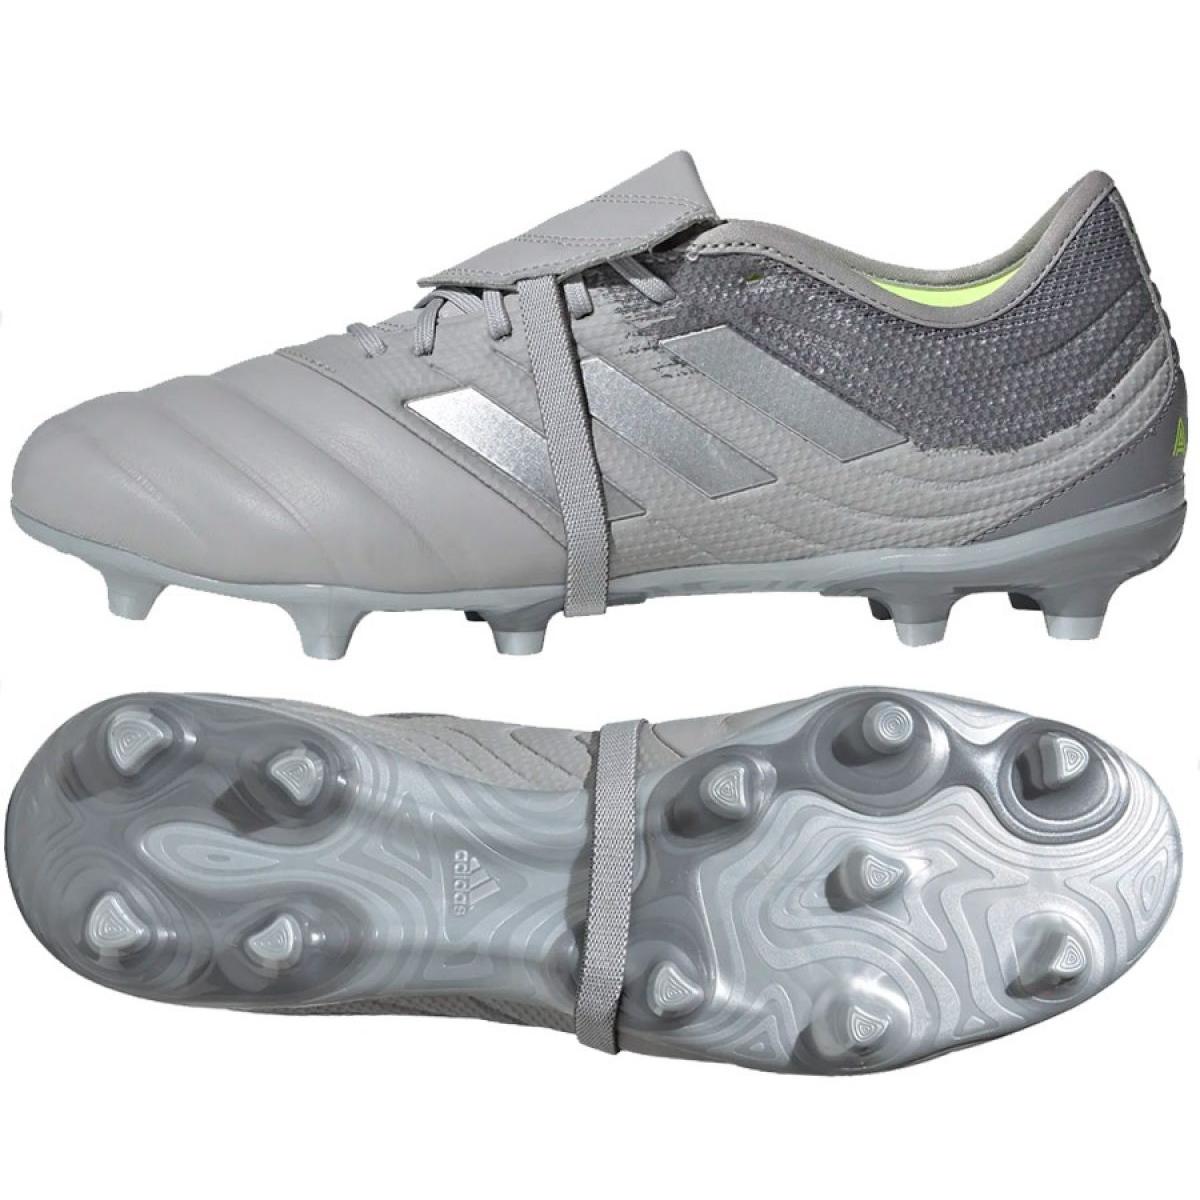 zapatos copa adidas precio qatar